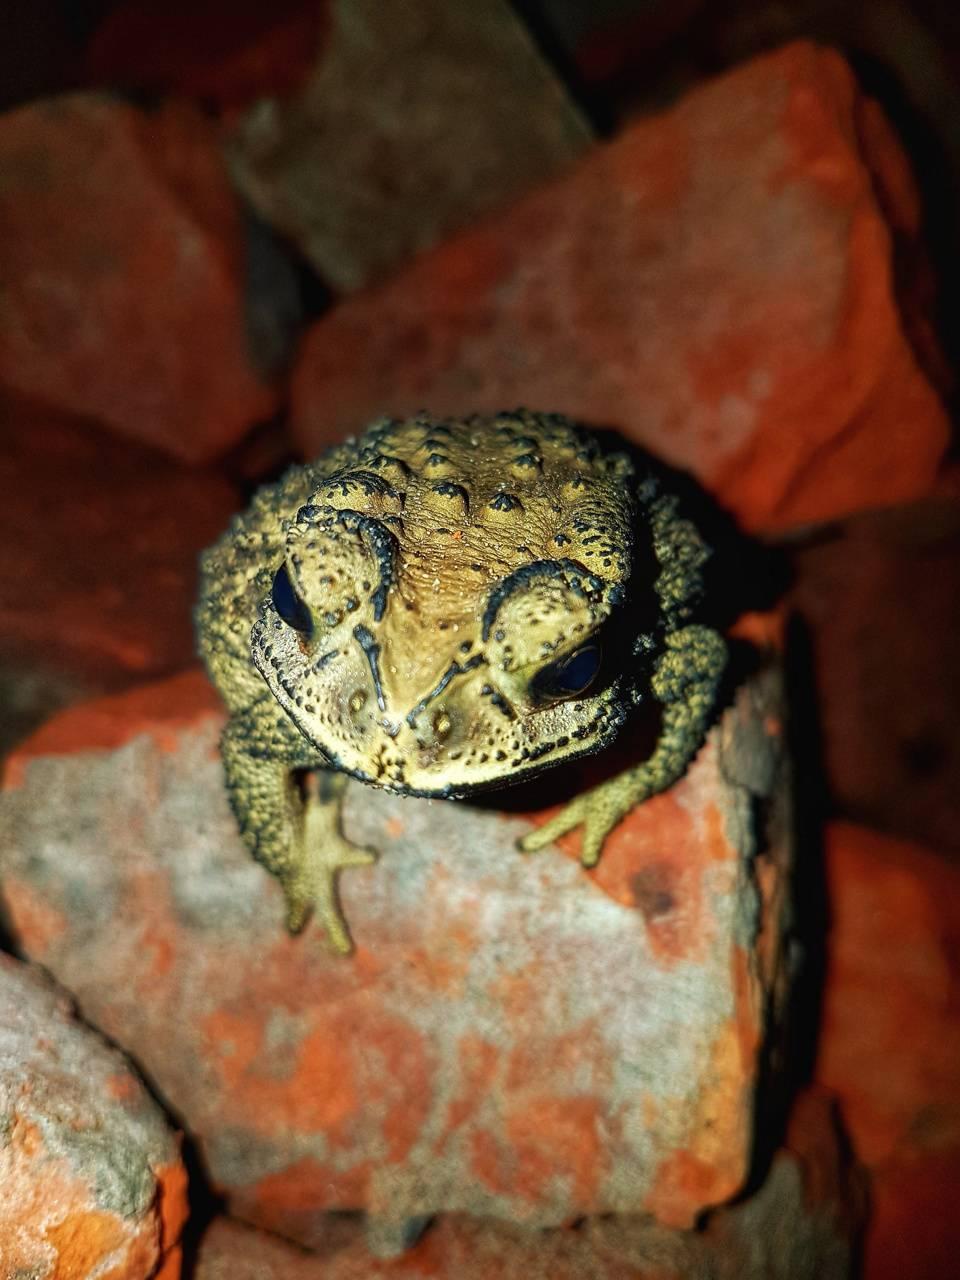 Frog in shoot mode